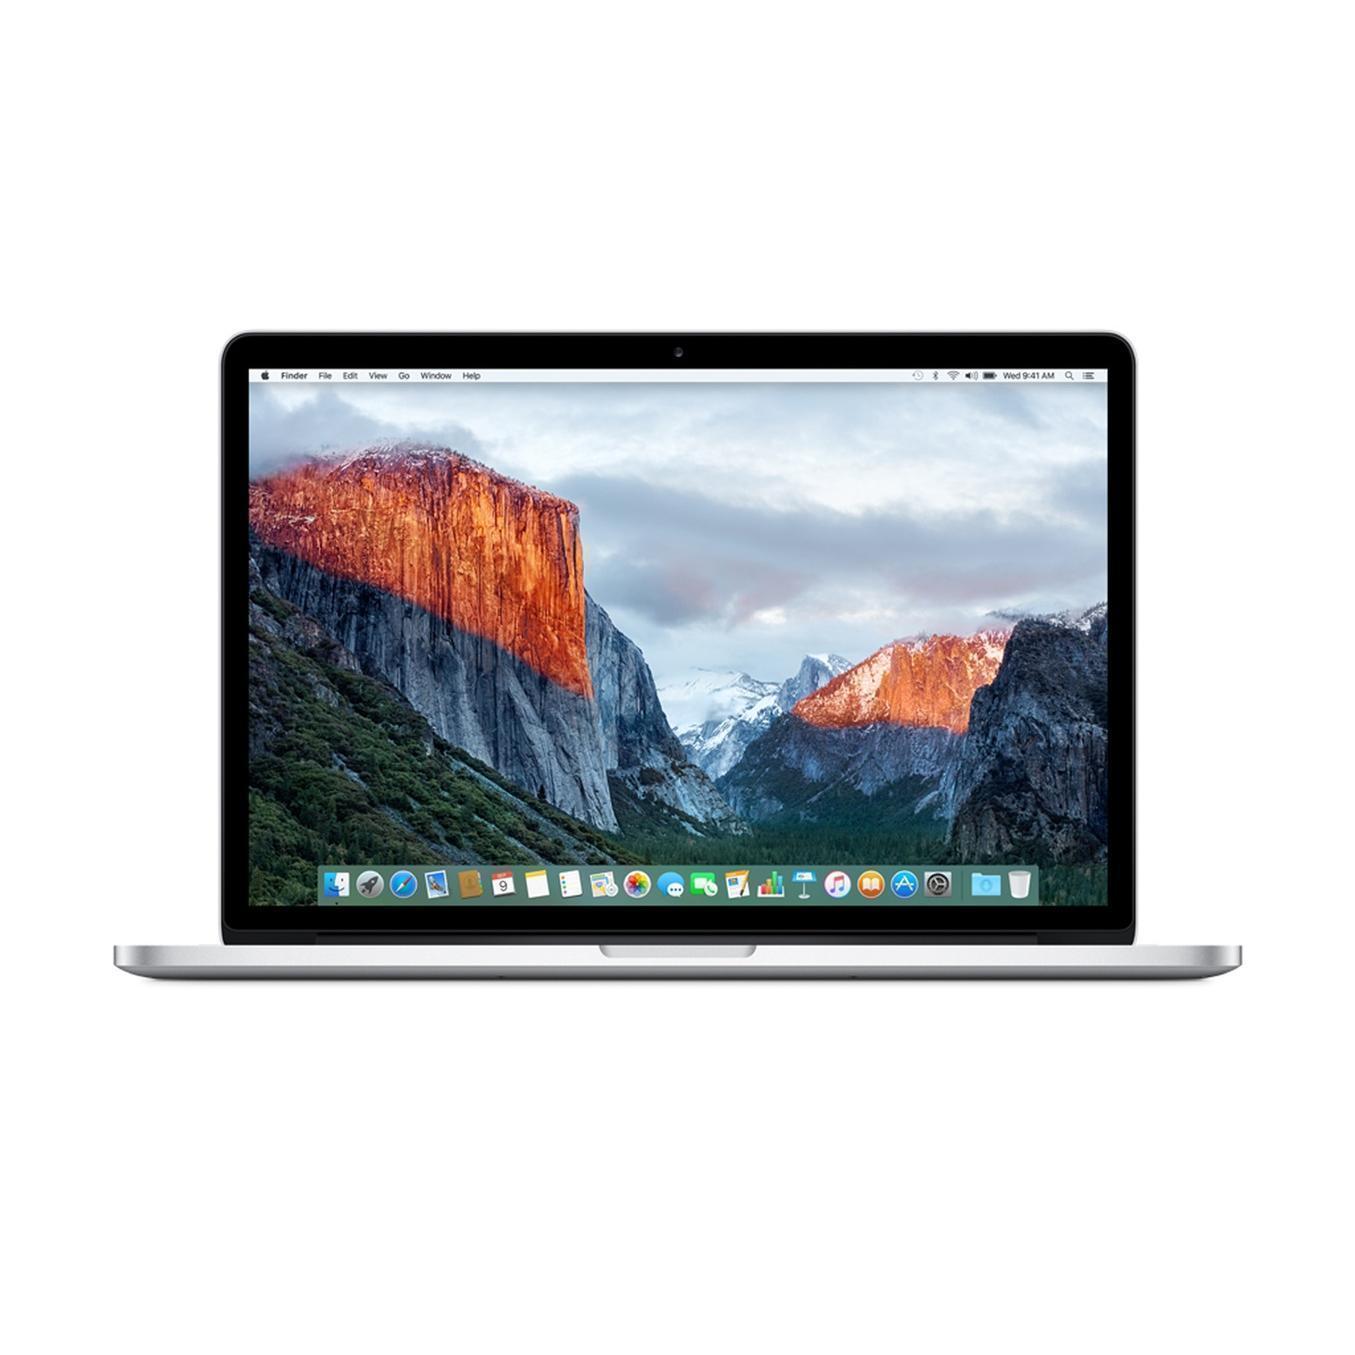 MacBook Pro Retina 15,4-tum (2012) - Core i7 - 16GB - SSD 256 GB QWERTY - Engelska (USA)